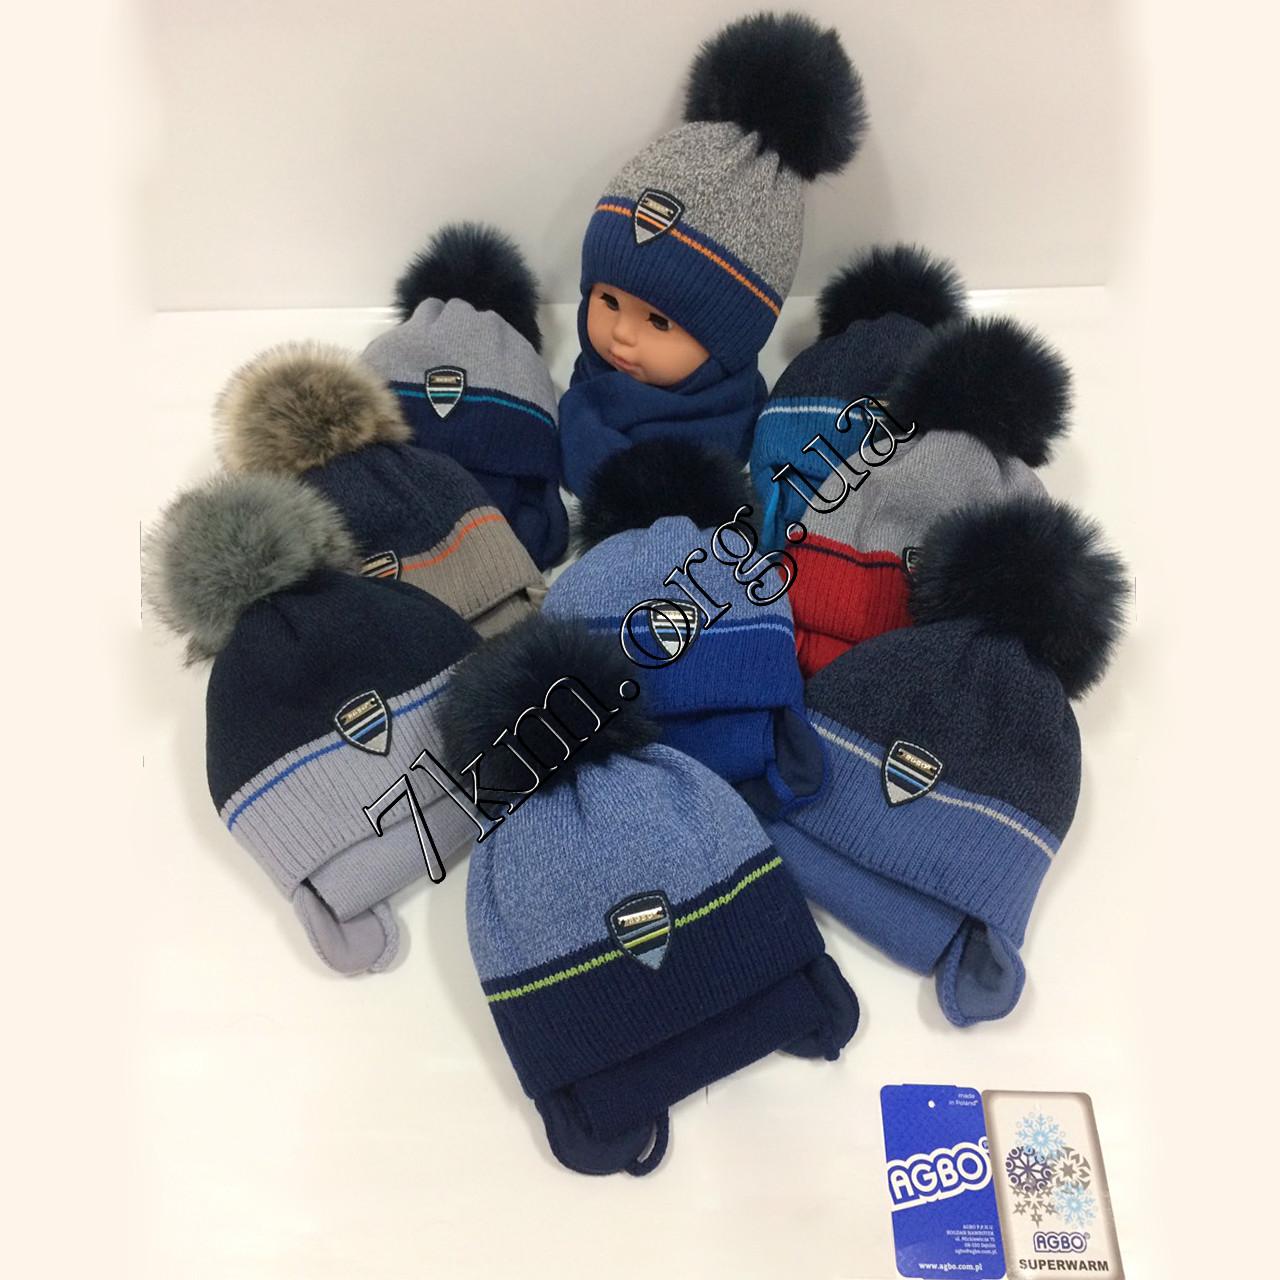 """Комплект детский шапка +шарф +хлопок изософт для мальчиков """"Agbo"""" 42-44 р.р. Польша Оптом 1678IG"""